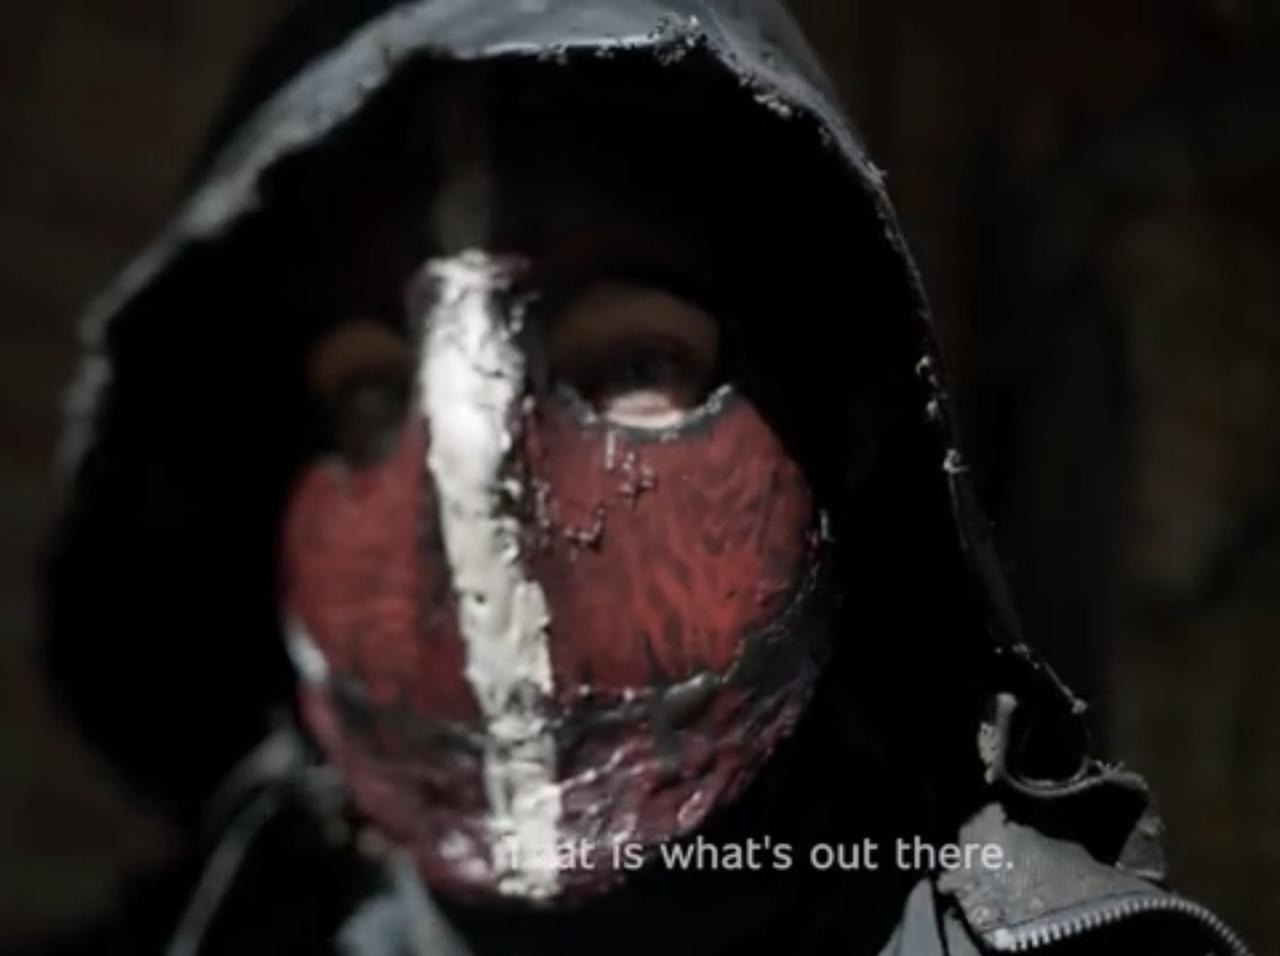 画像2: 『TWD』シーズン11であの人が帰ってくる?